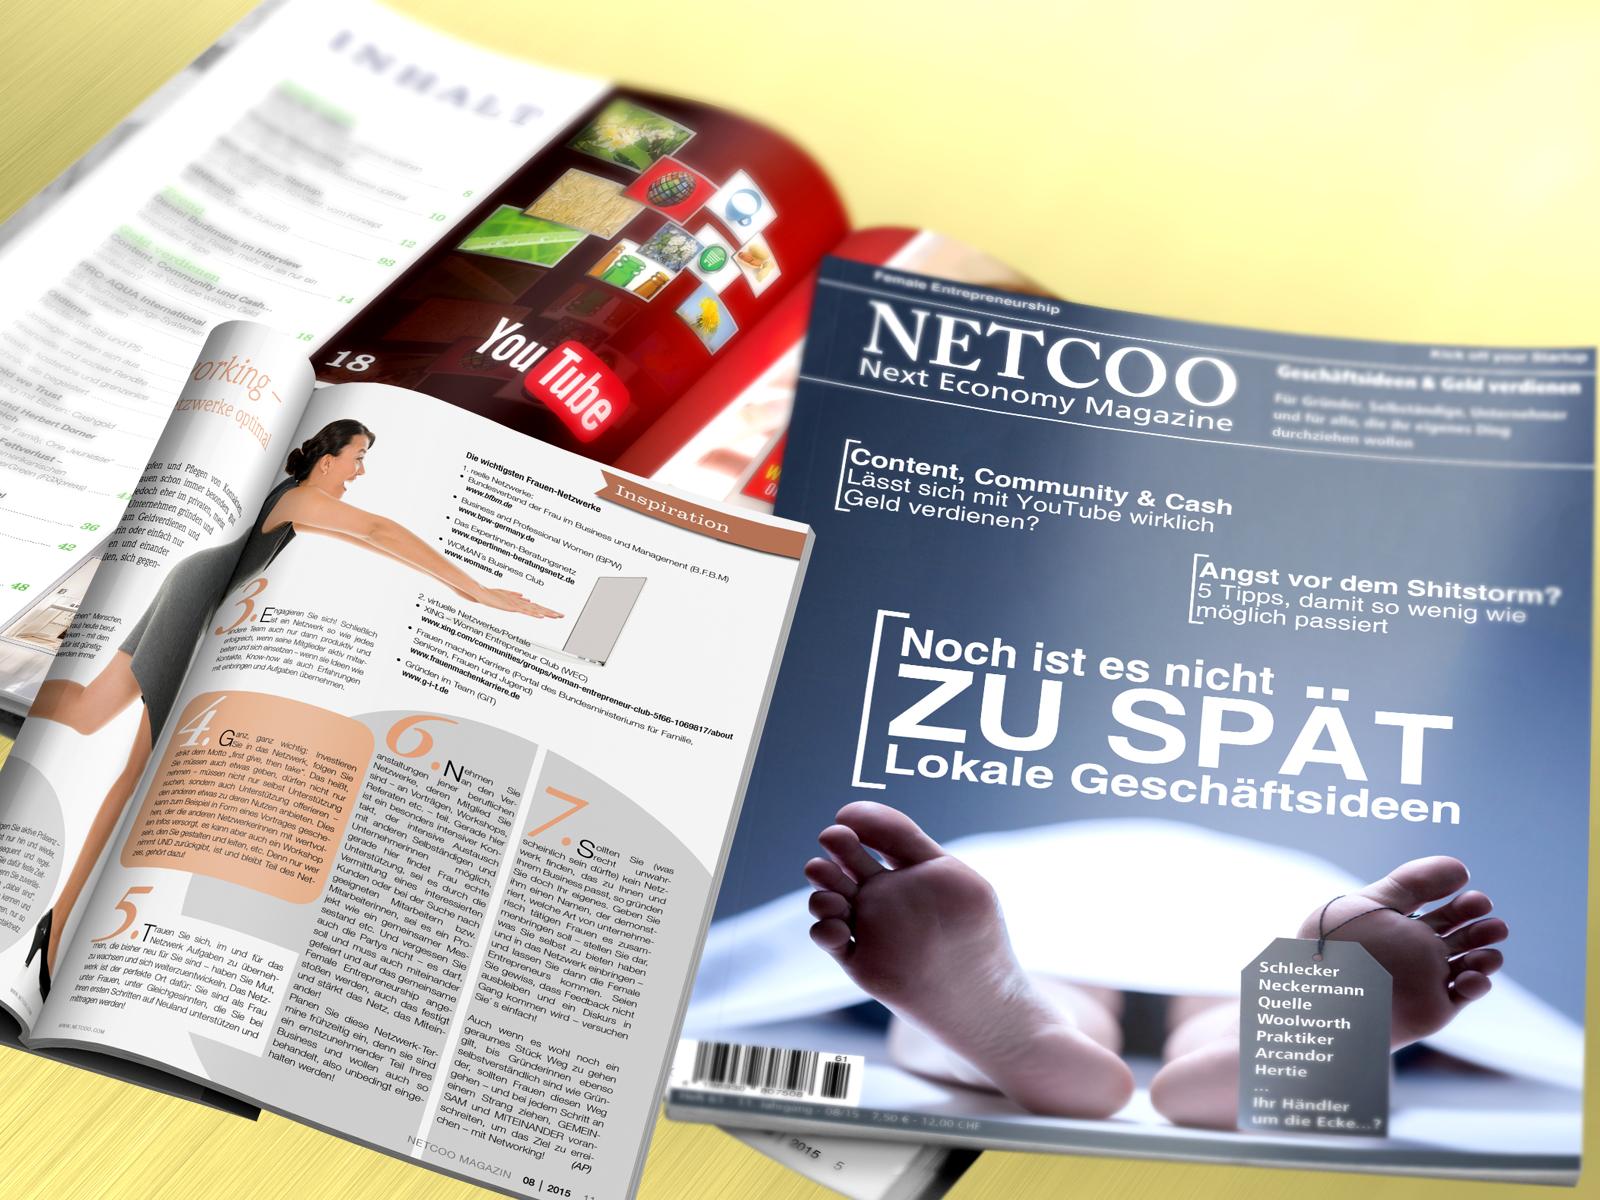 Cover und Inhalt Netcoo Magazin 08-2015